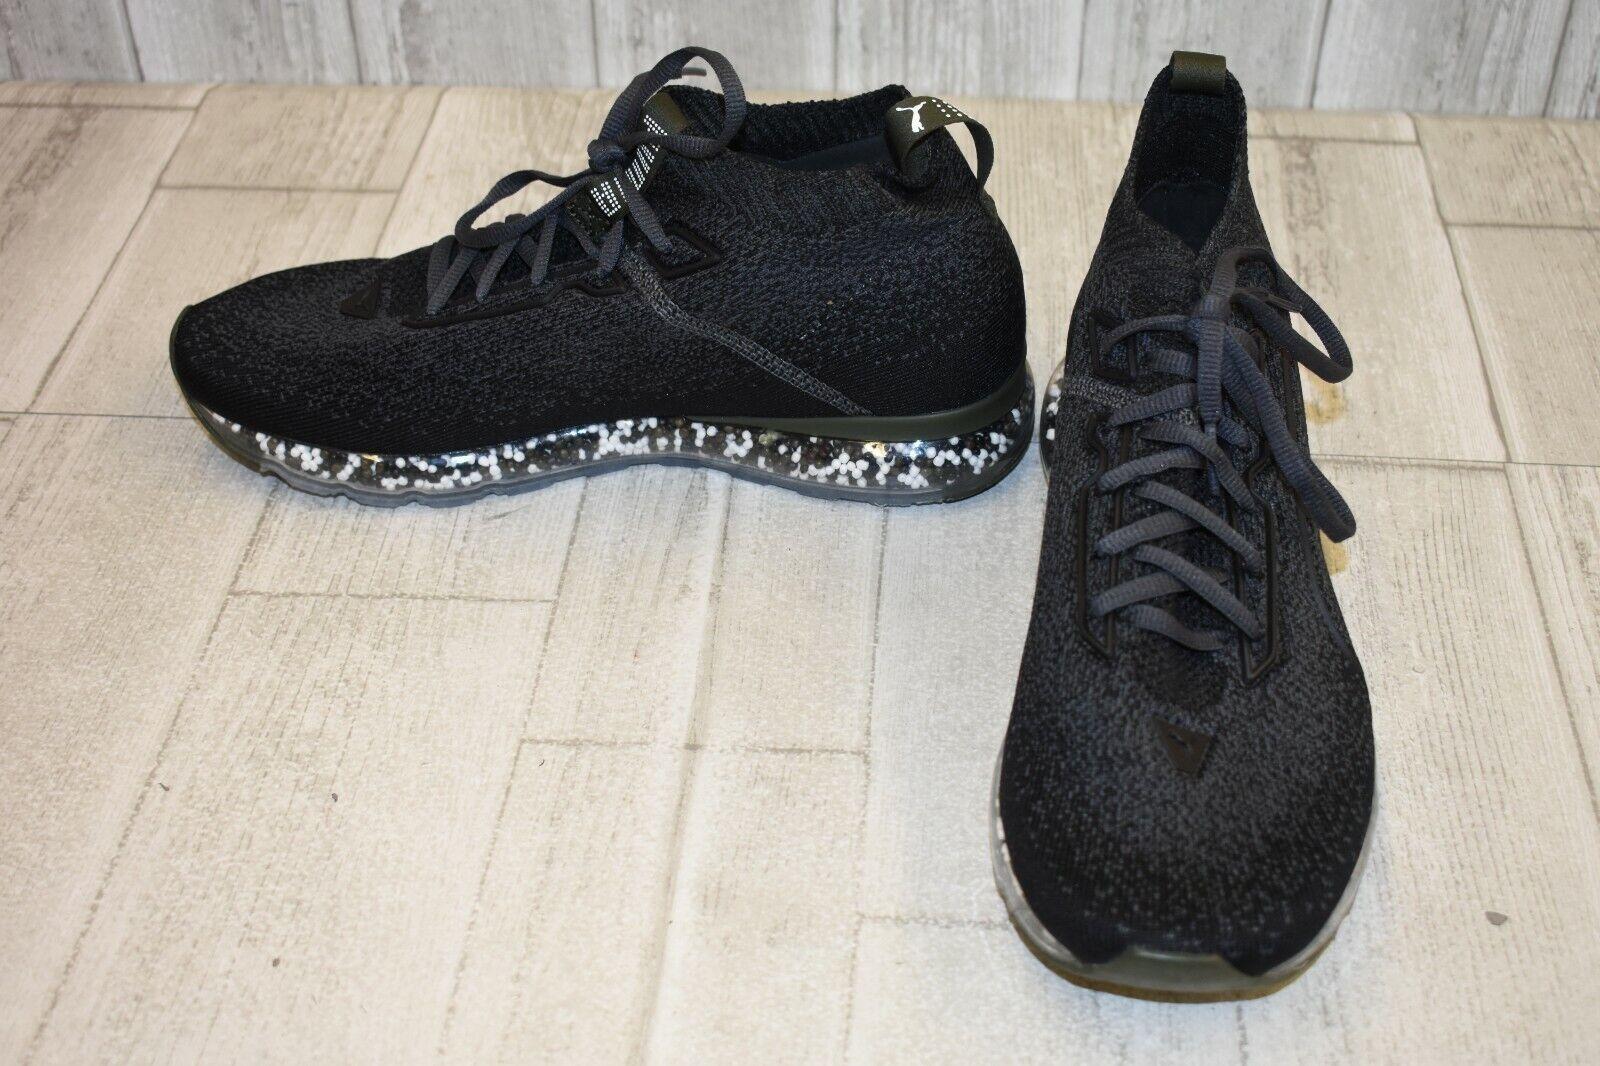 Zapatos De Entrenamiento Puma Jamming, para hombres Negro gris